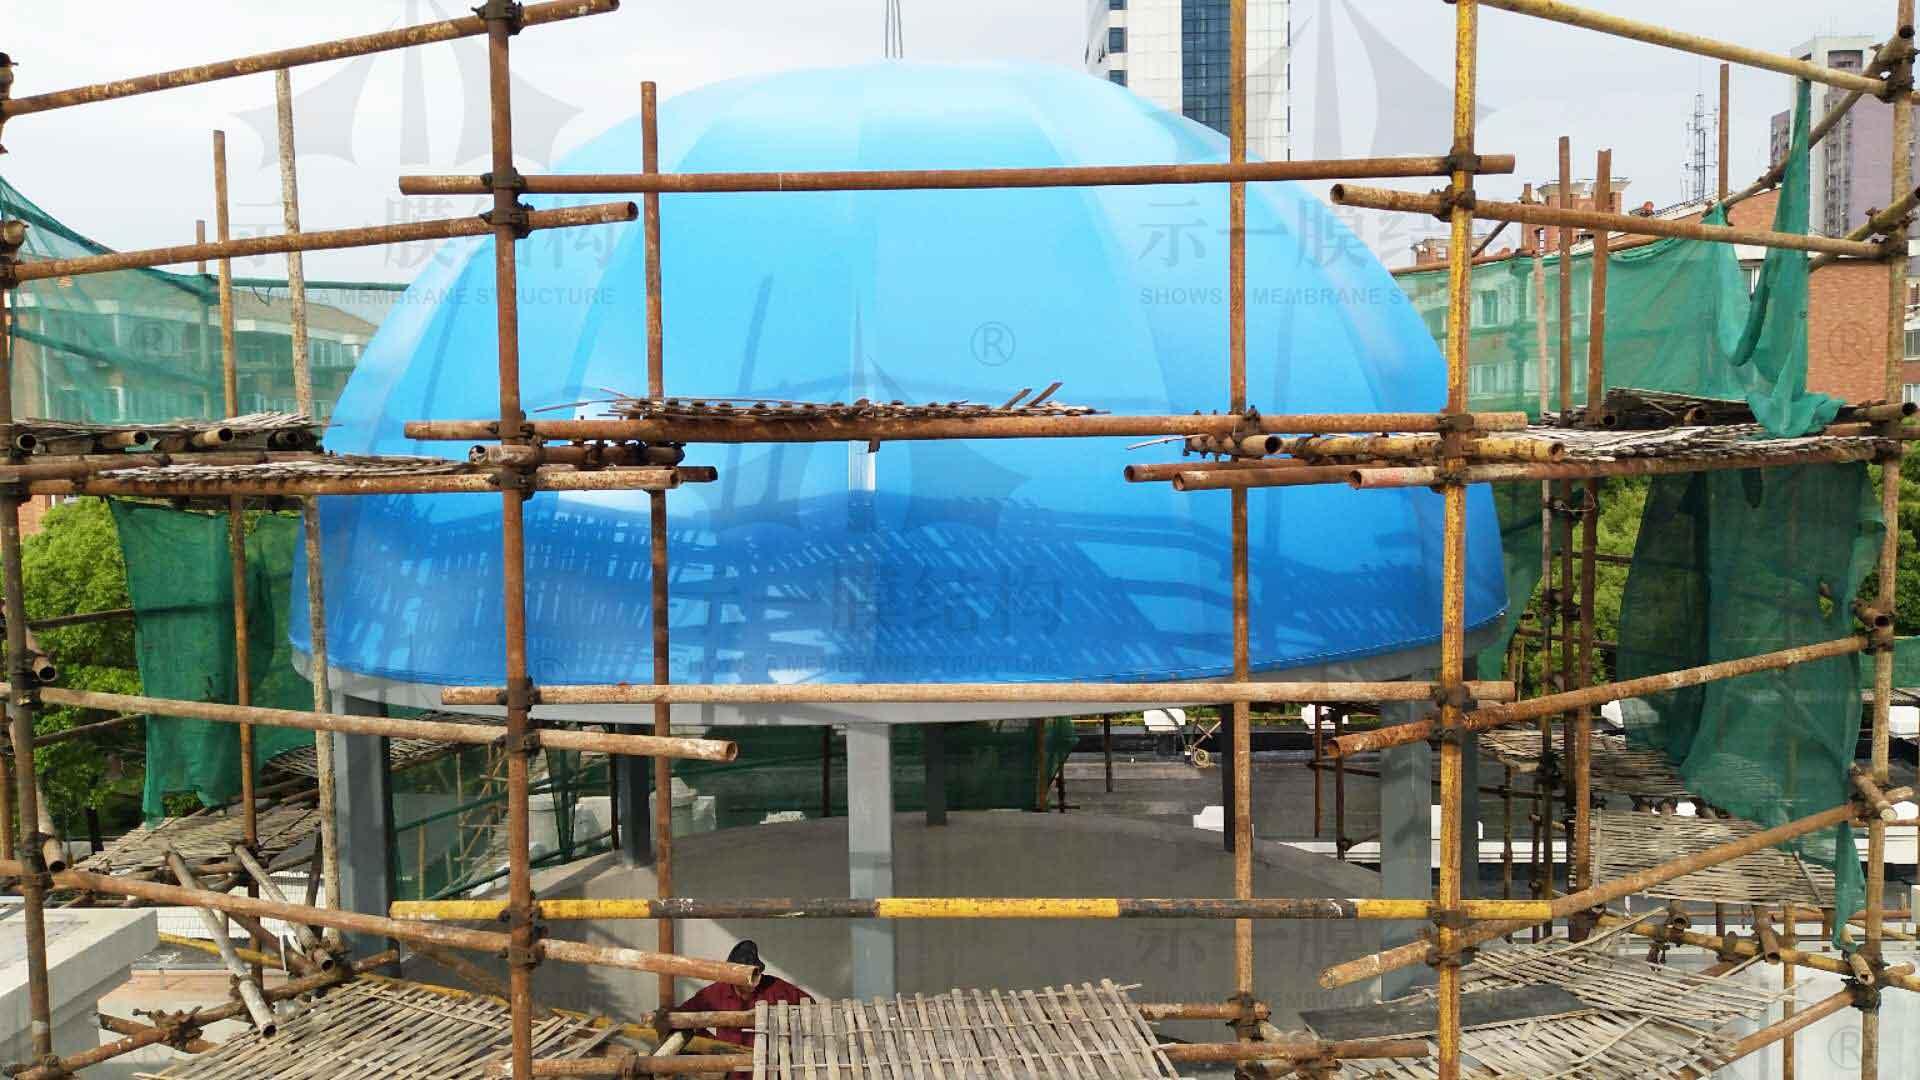 上海示一膜结构金山幼儿园张拉膜结构